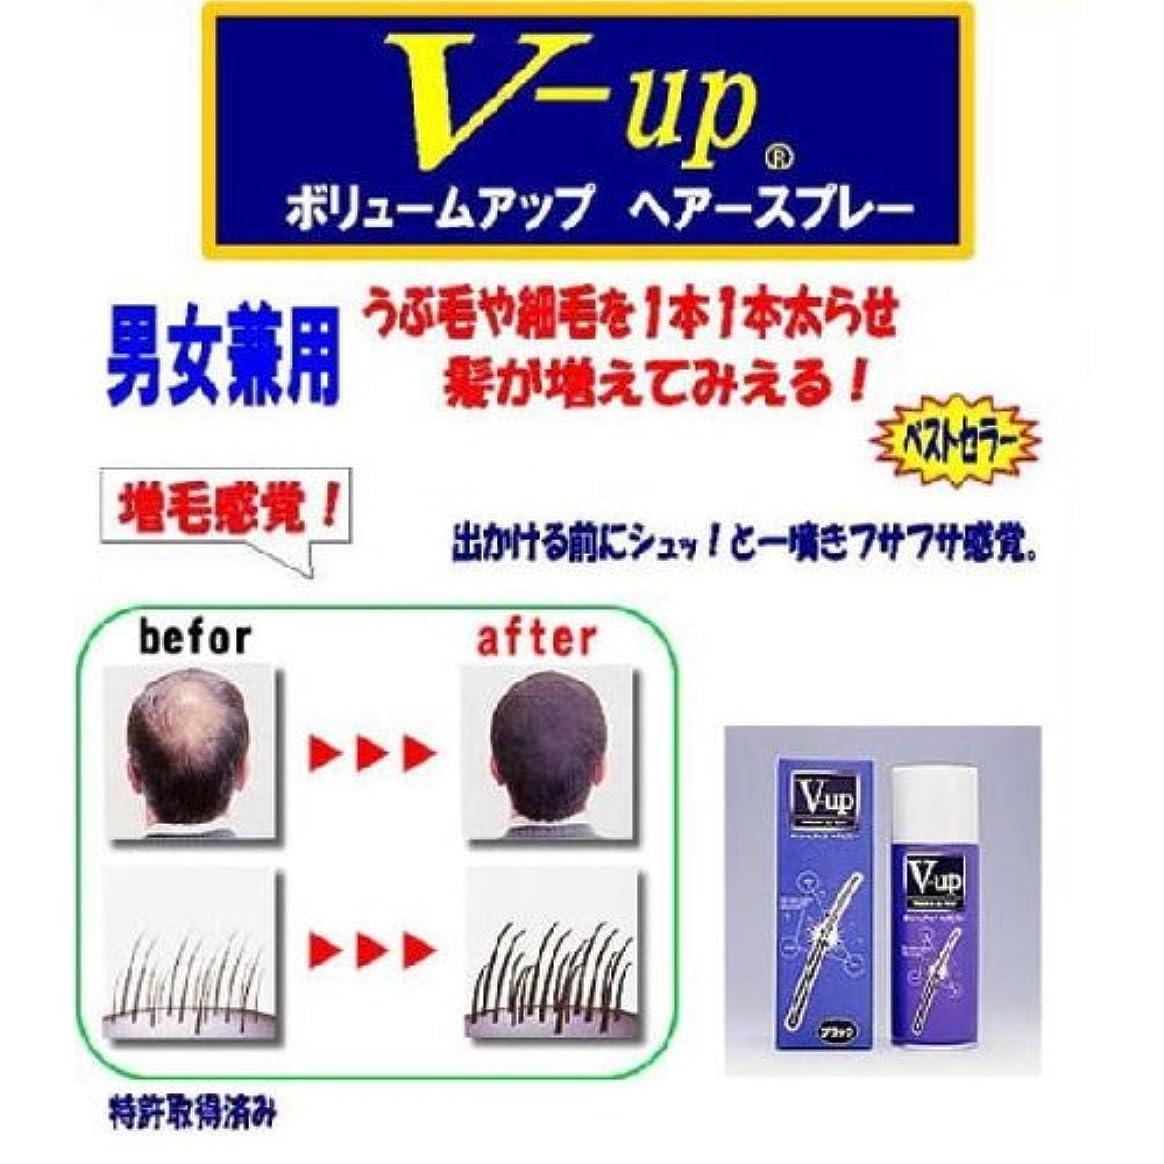 キャリア危機明らかV-アップヘアスプレー200g【カラー:ダークブラウン】